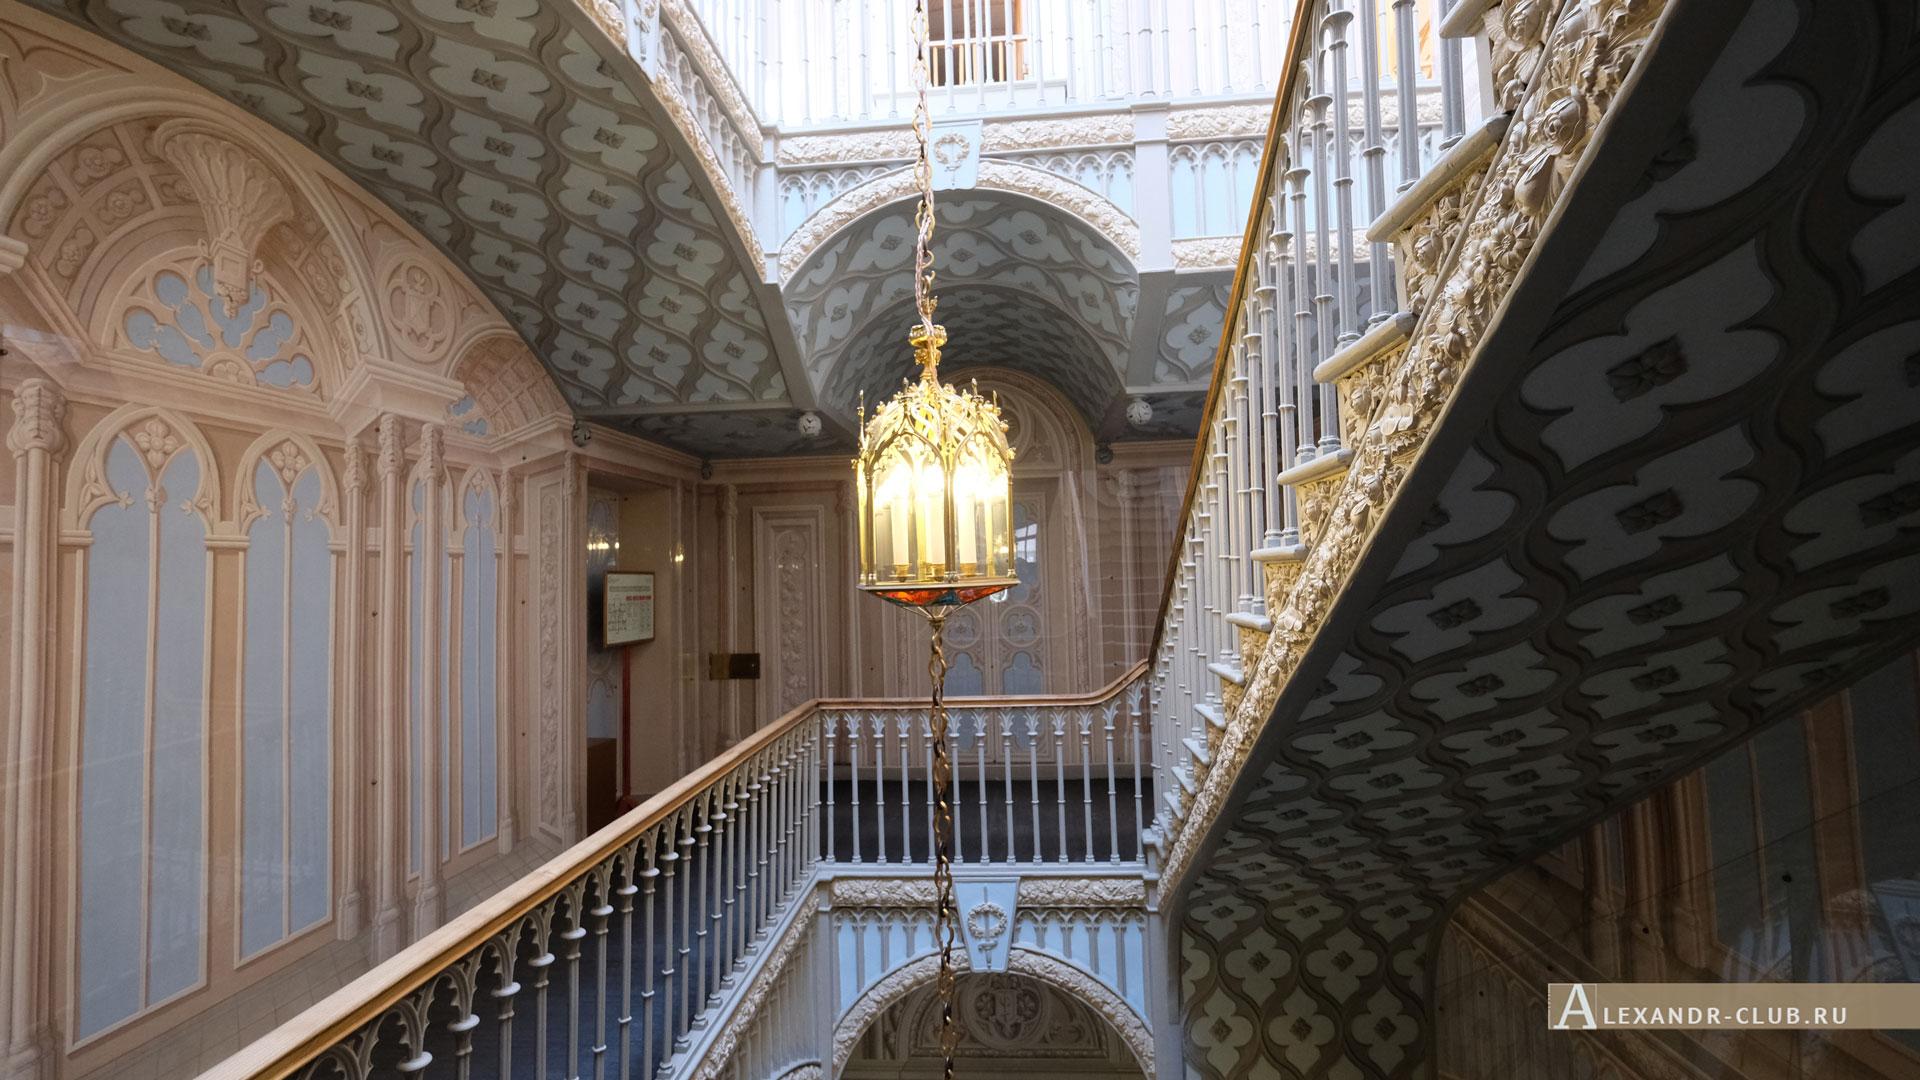 Петергоф, парк «Александрия», лето, дворец Коттедж, чугунная лестница